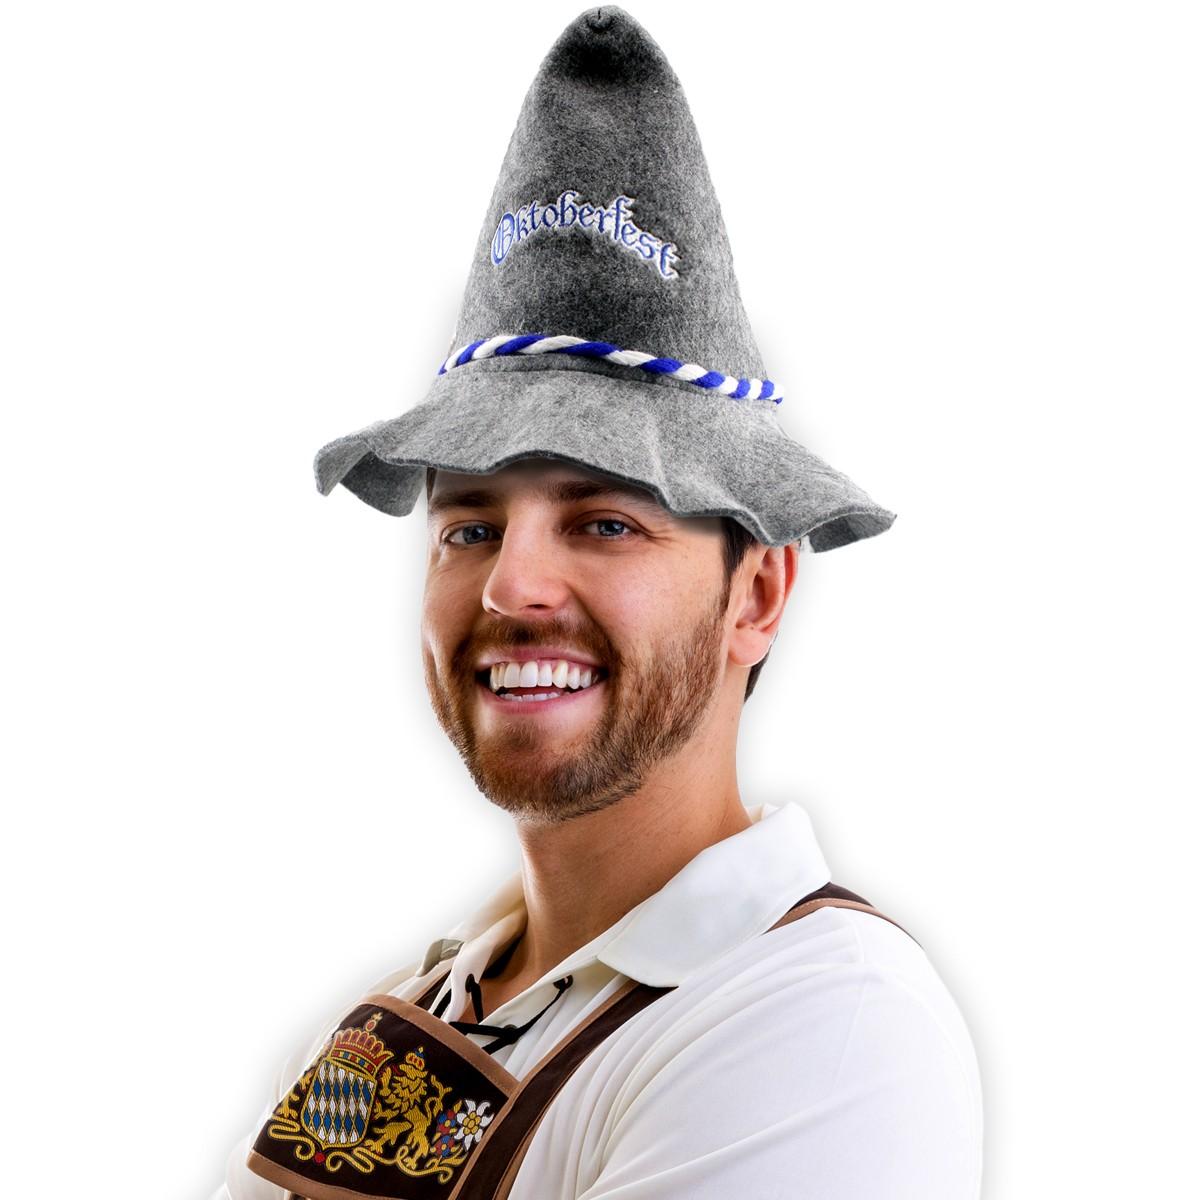 Oktoberfest Felt Hat